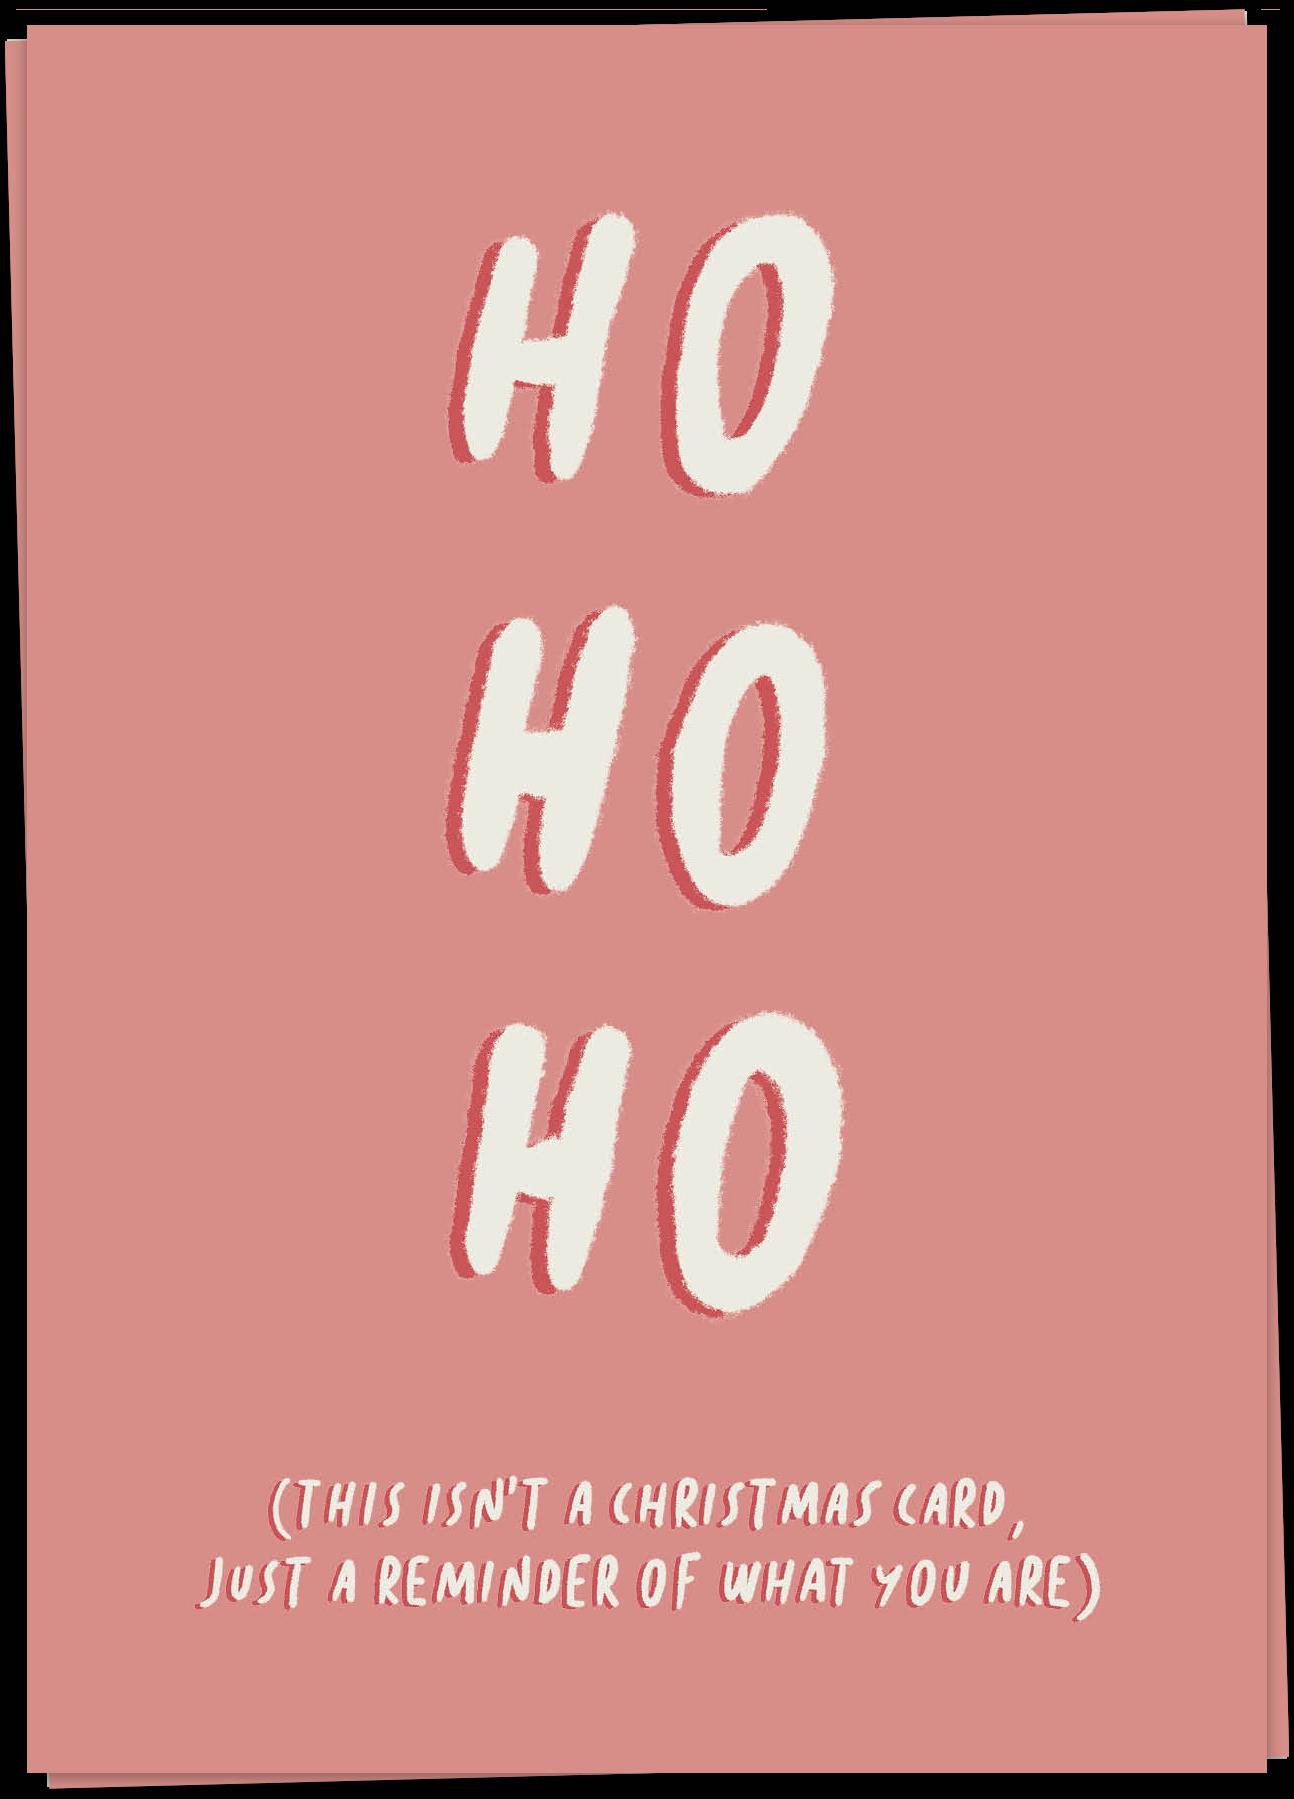 Xmas – Ho ho ho reminder